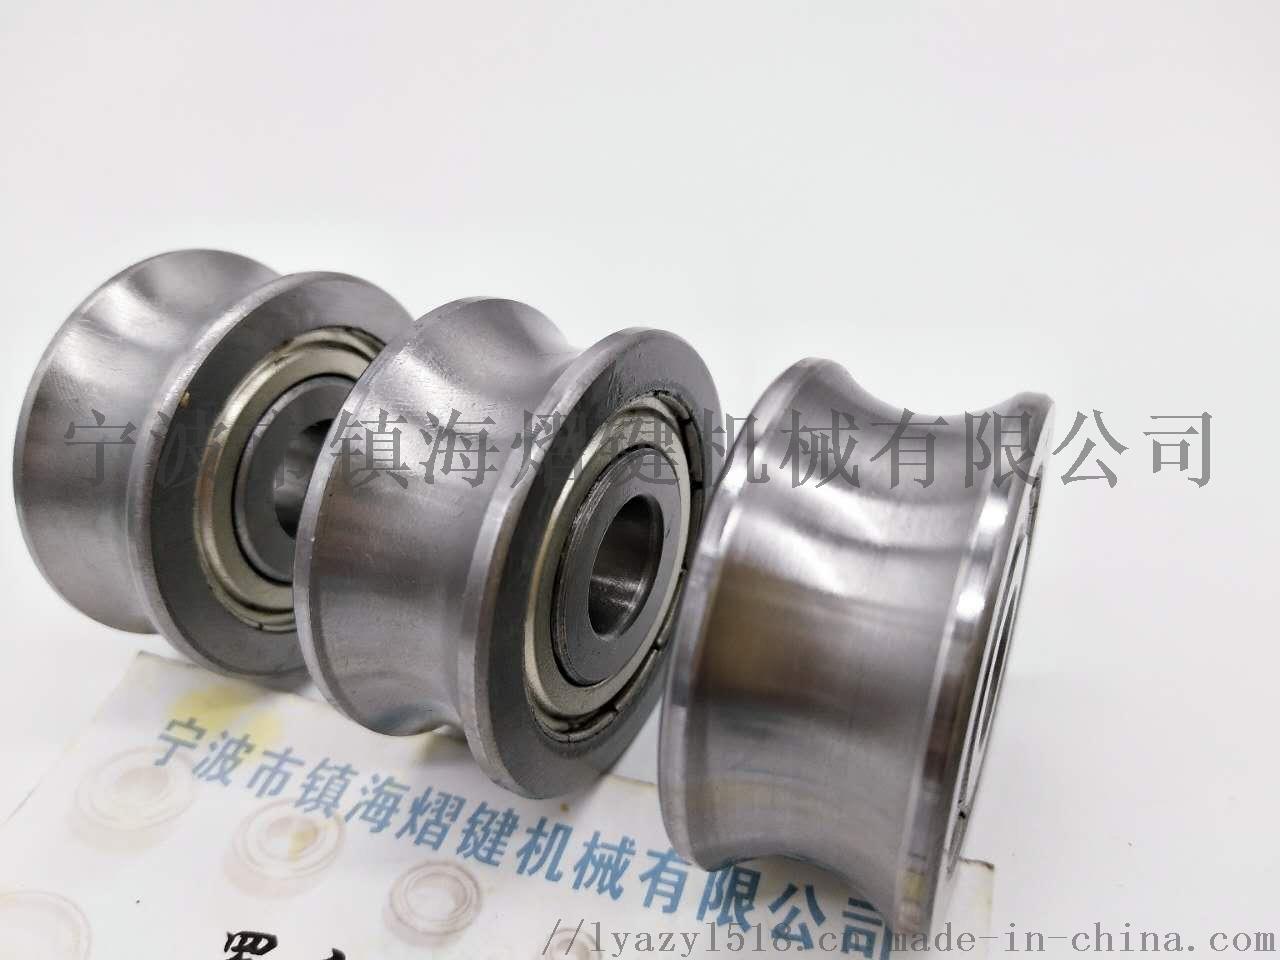 专业生产非标轴承LFFFR508NPP769080802